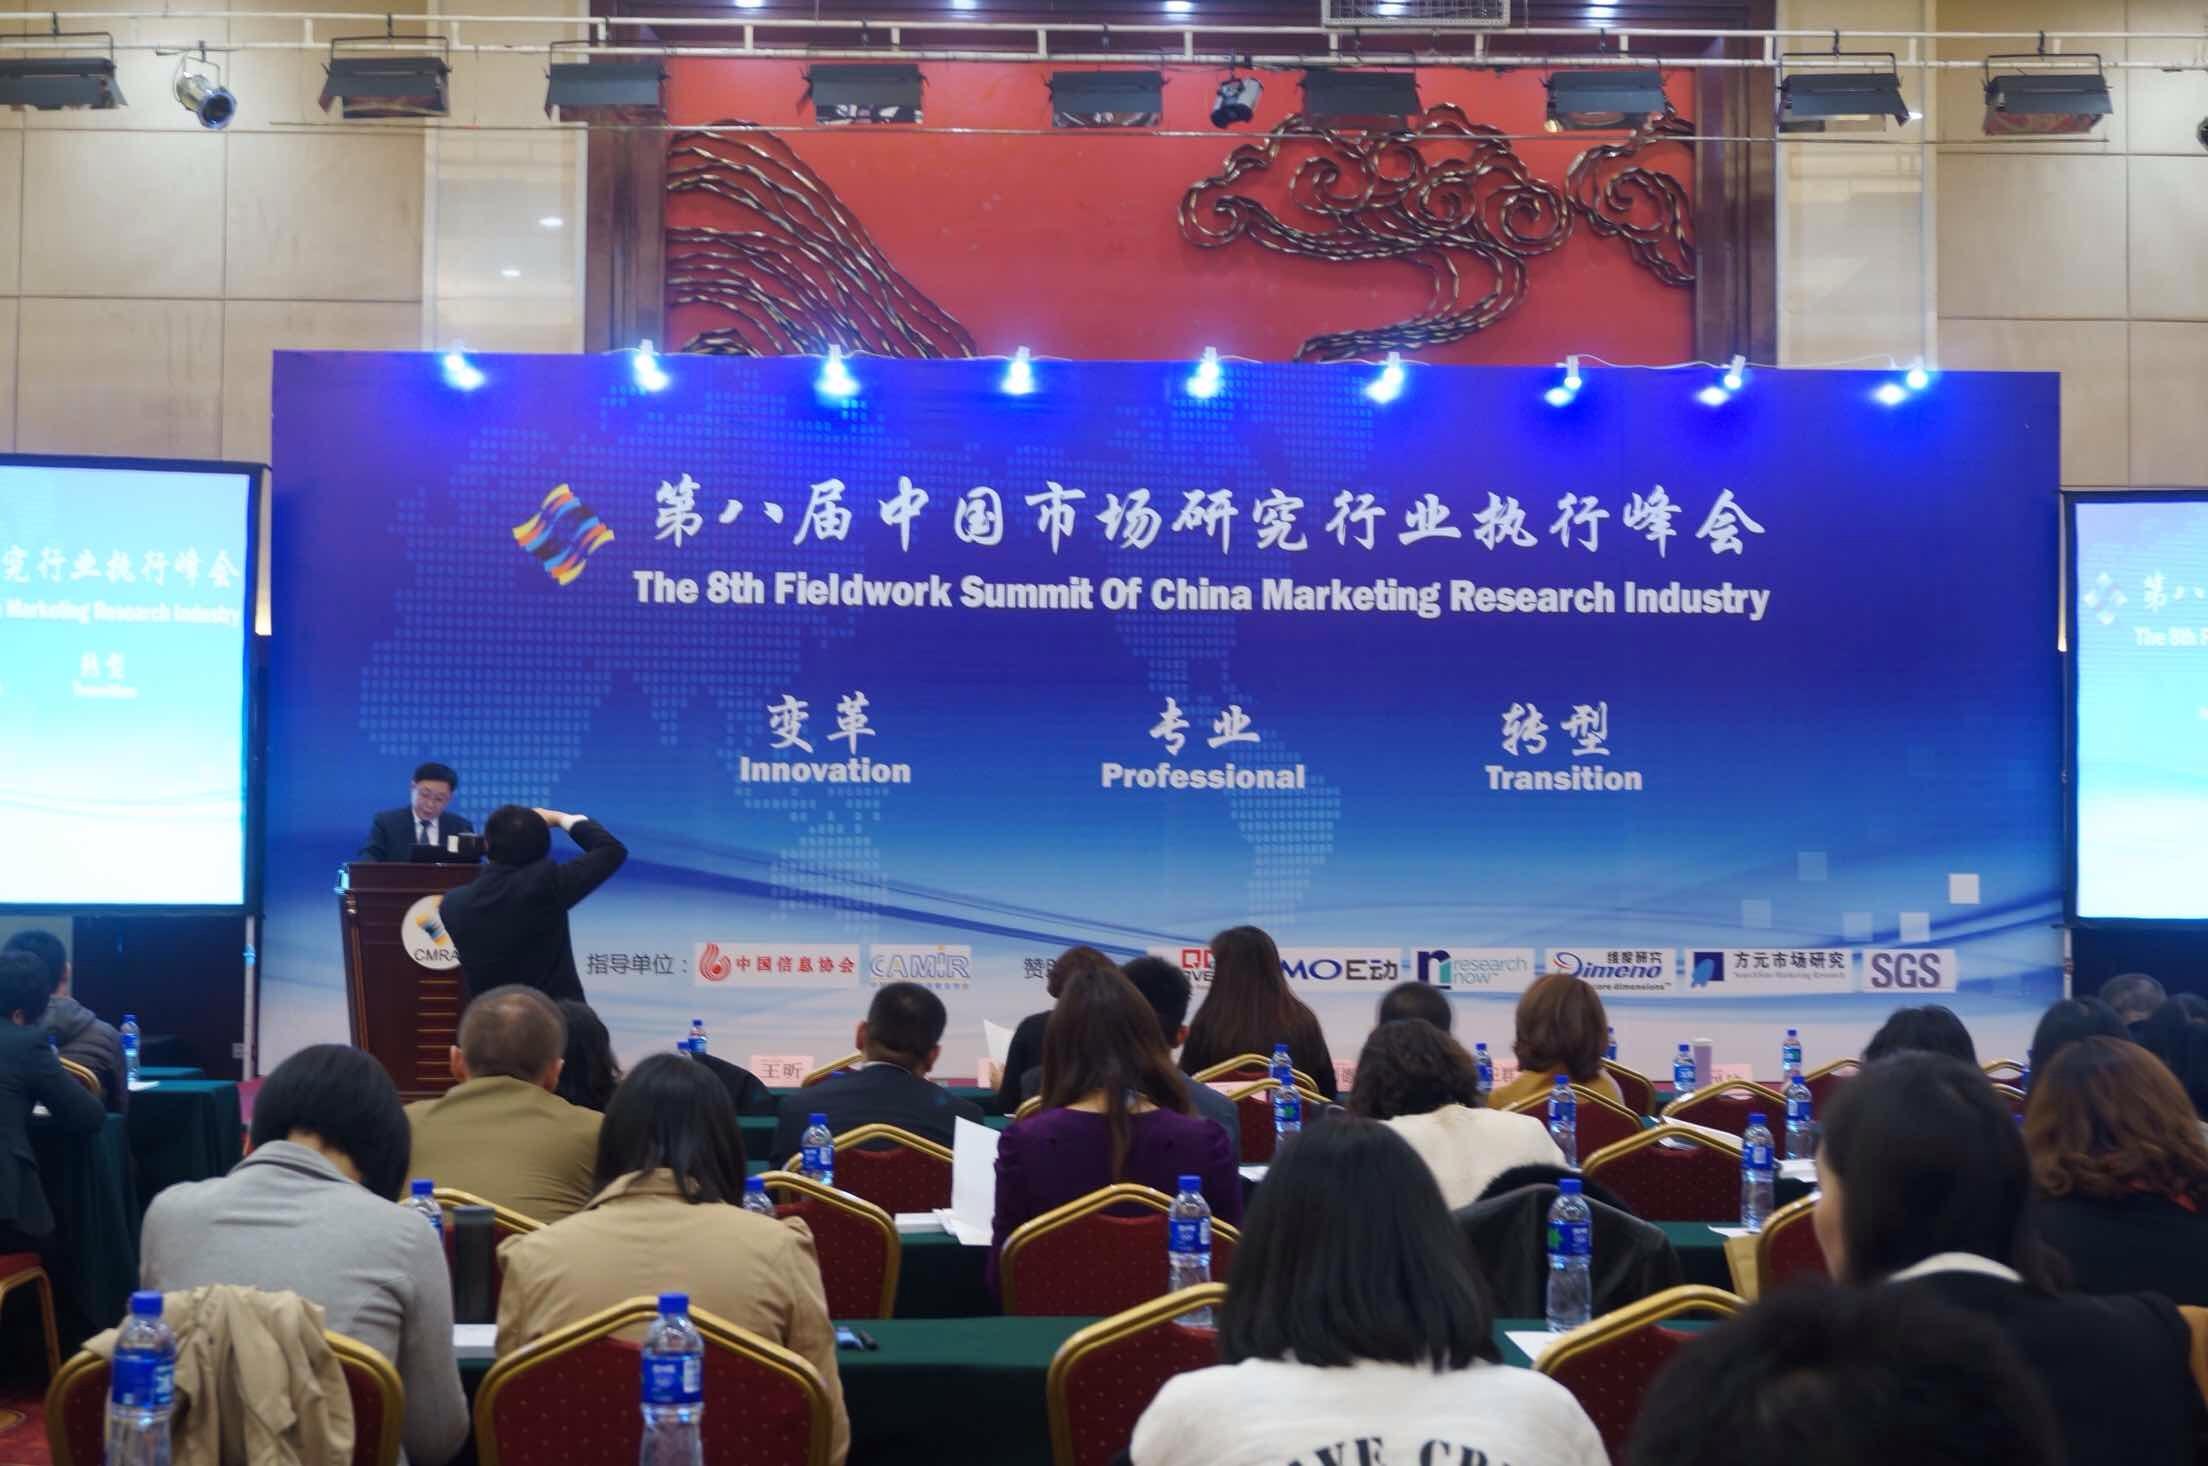 现代国际出席2015年中国市场研究行业第八届执行峰会